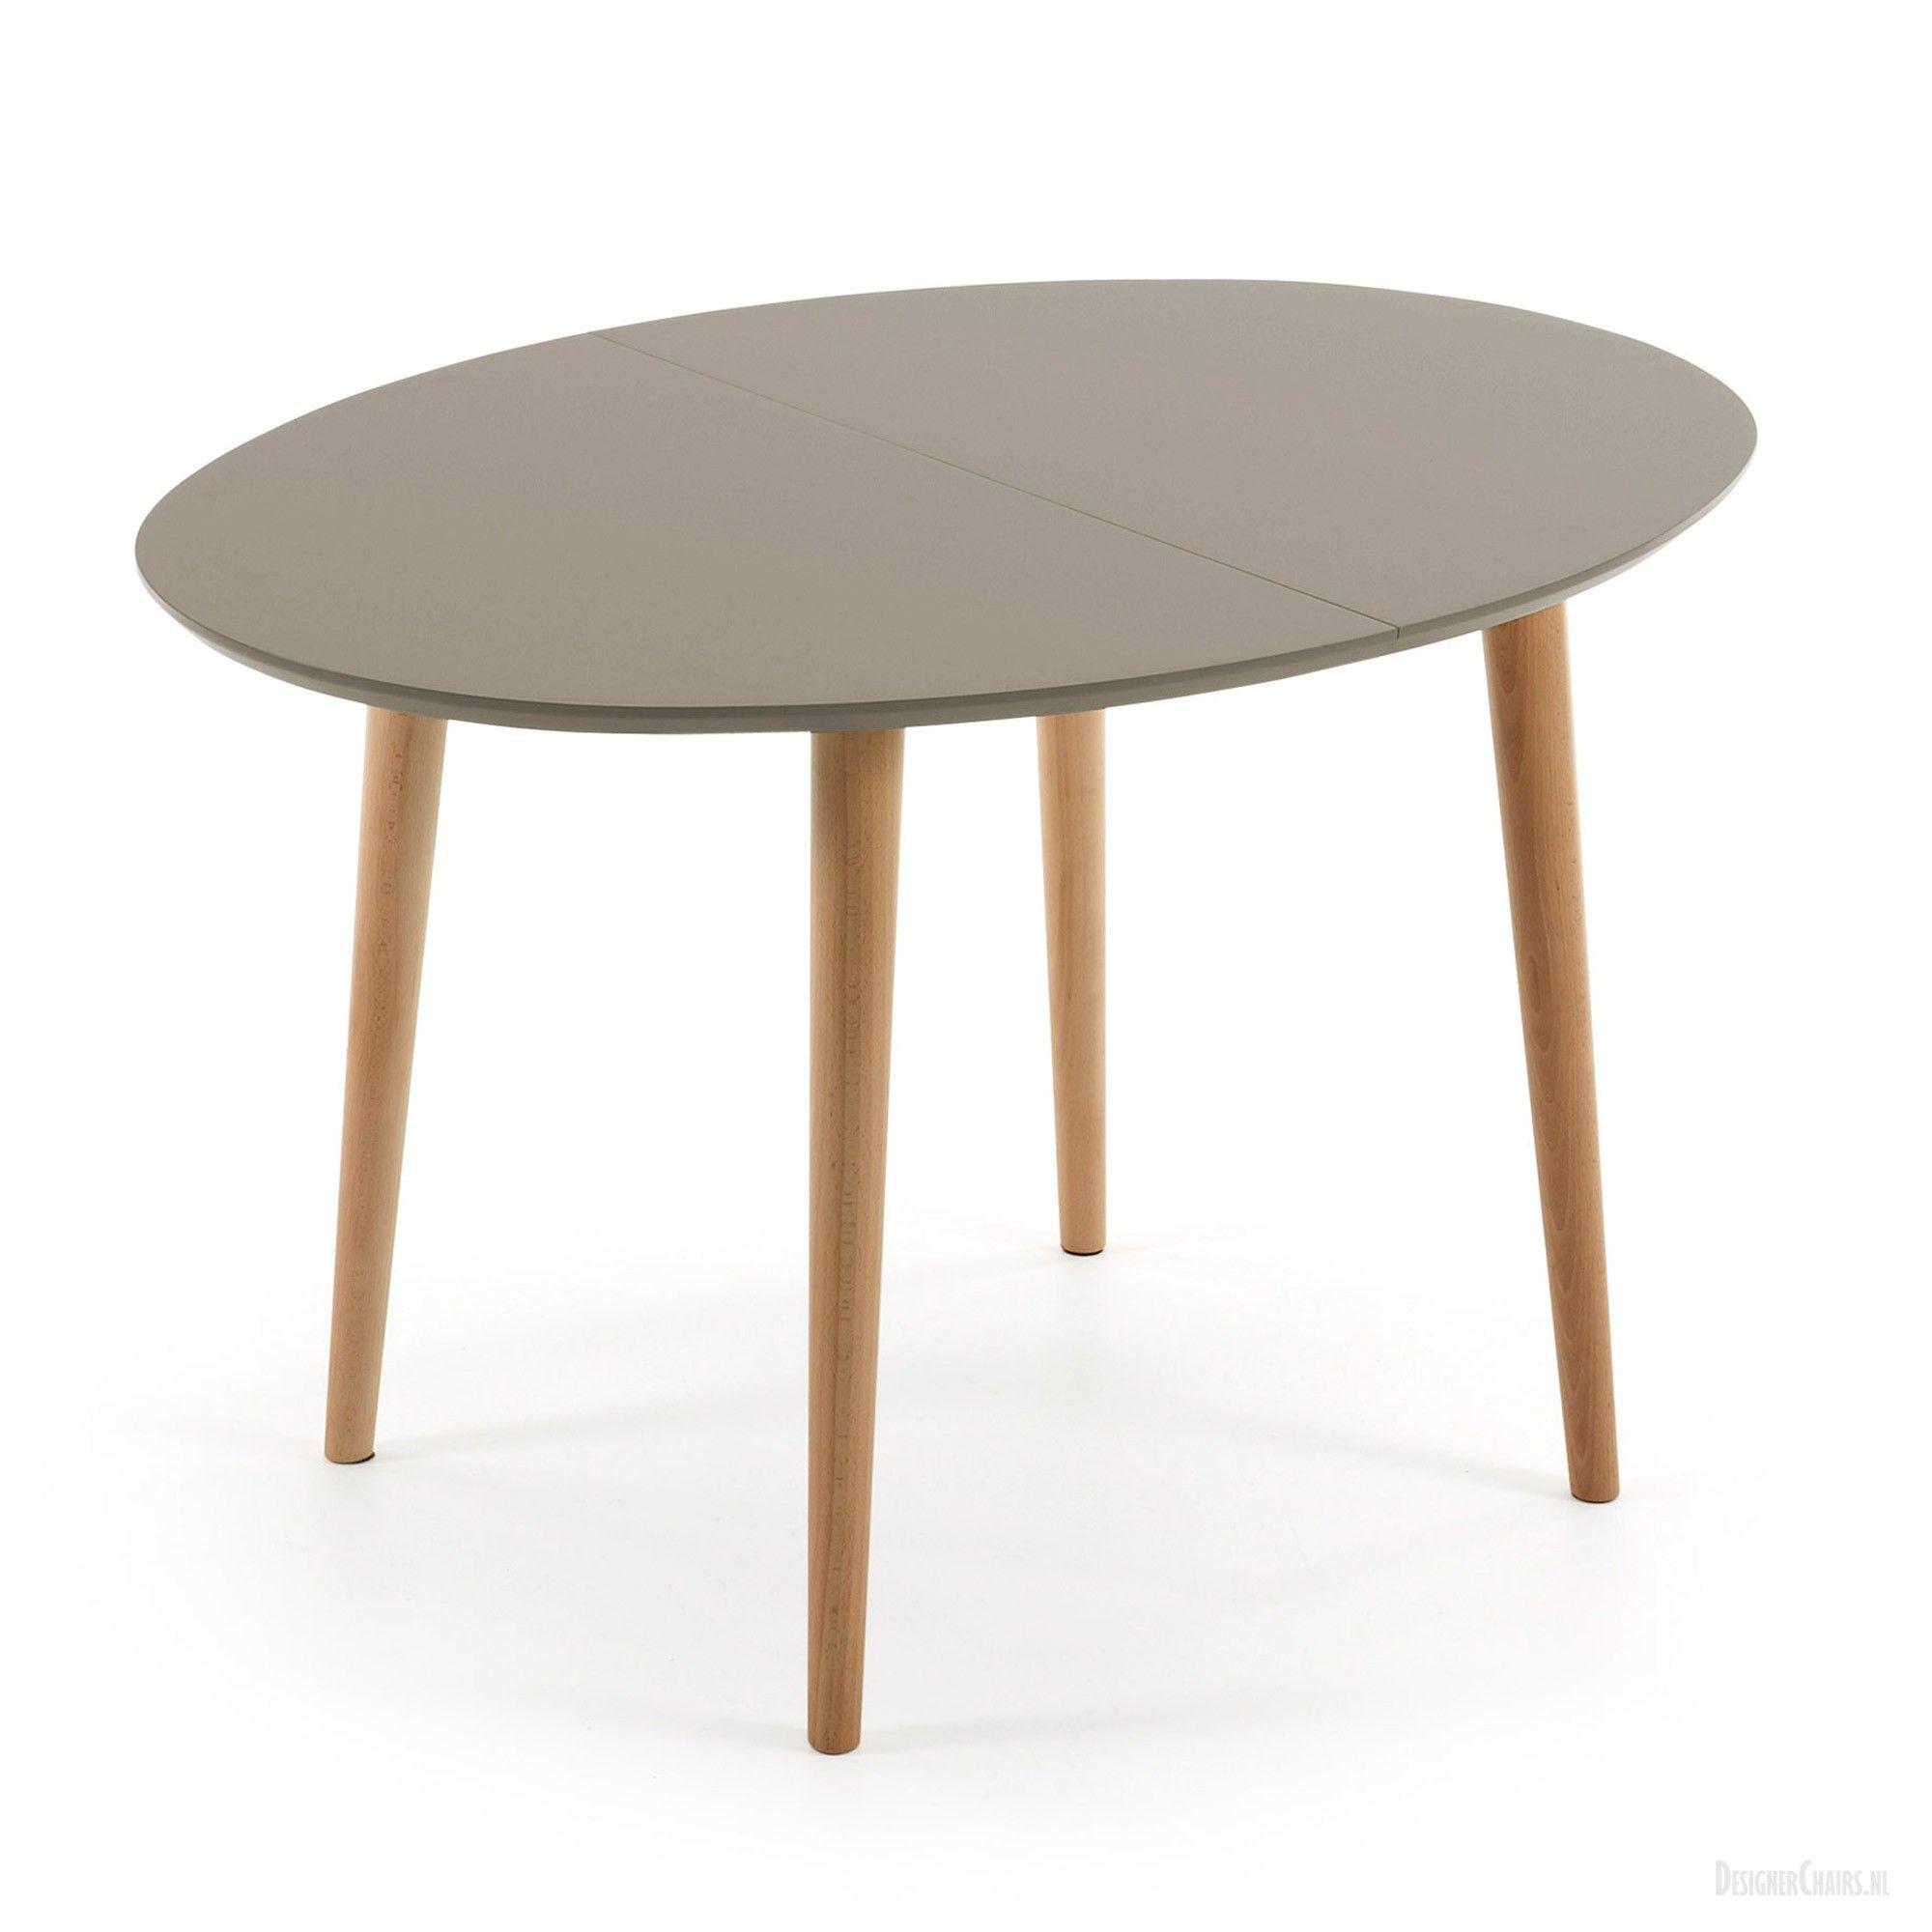 Oakland tafel ovaal 120 200 cm Bruin LaForma